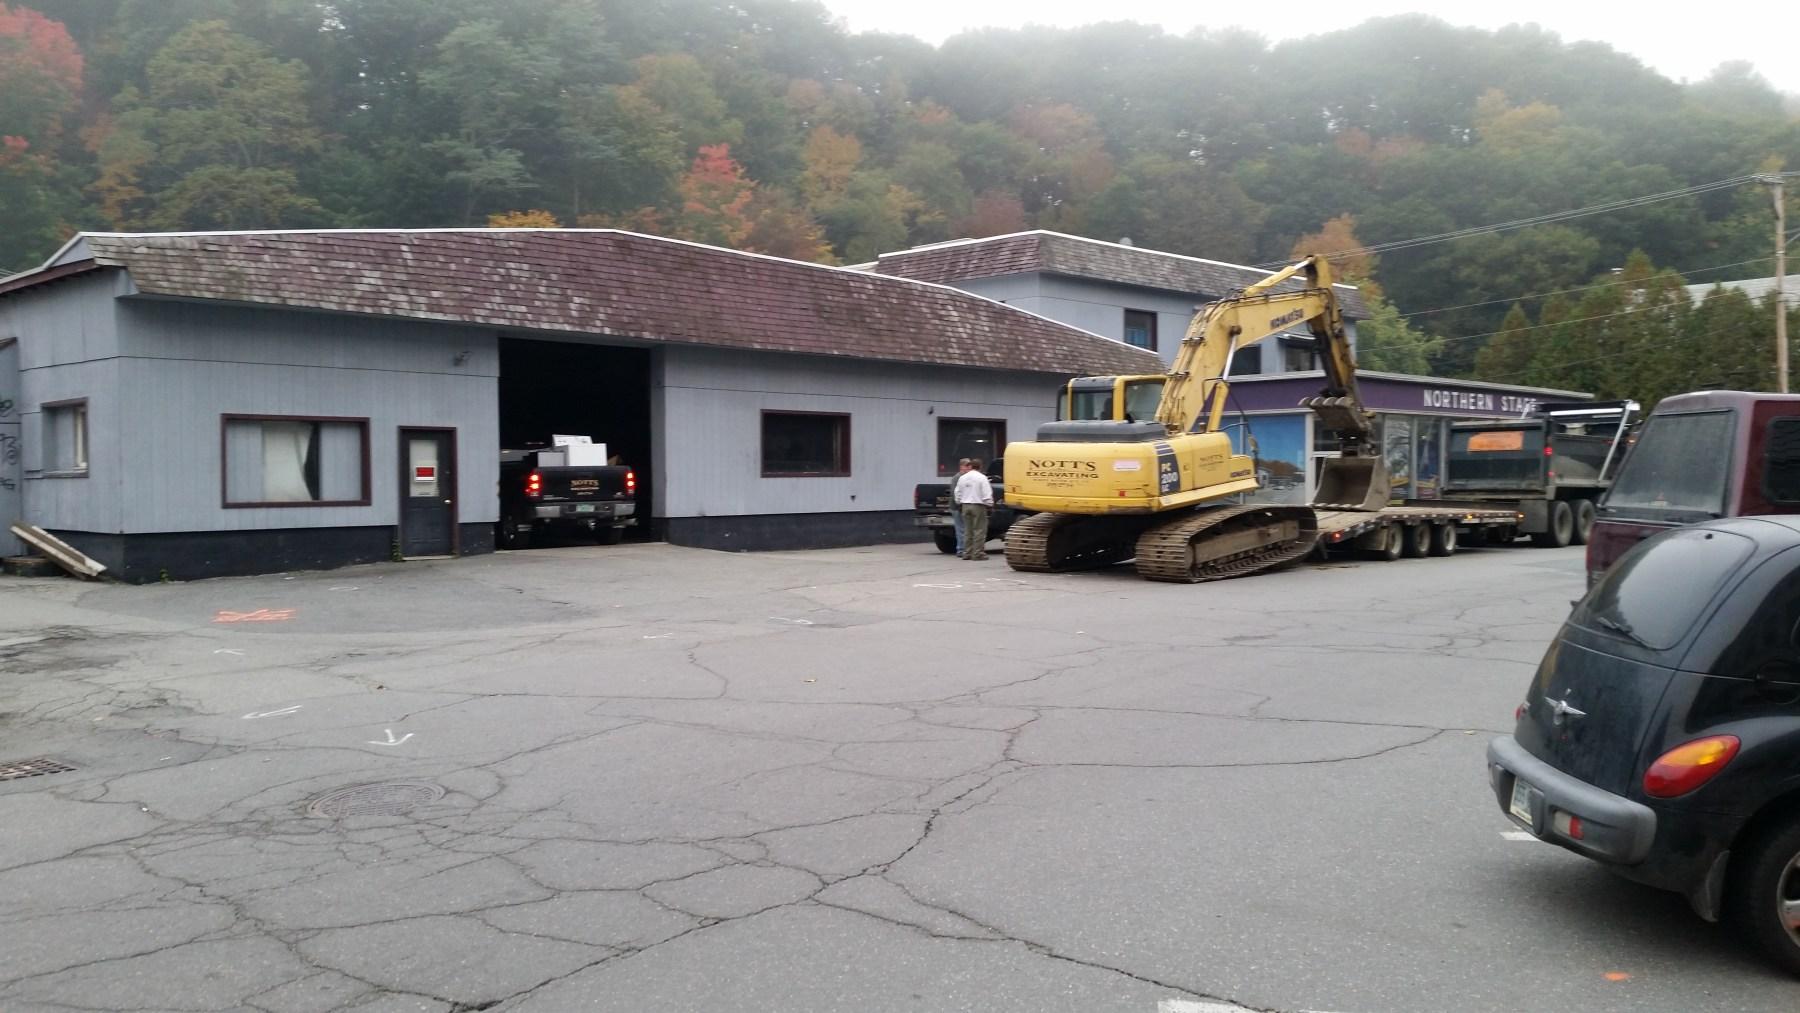 Demolition begins: 10-4-14